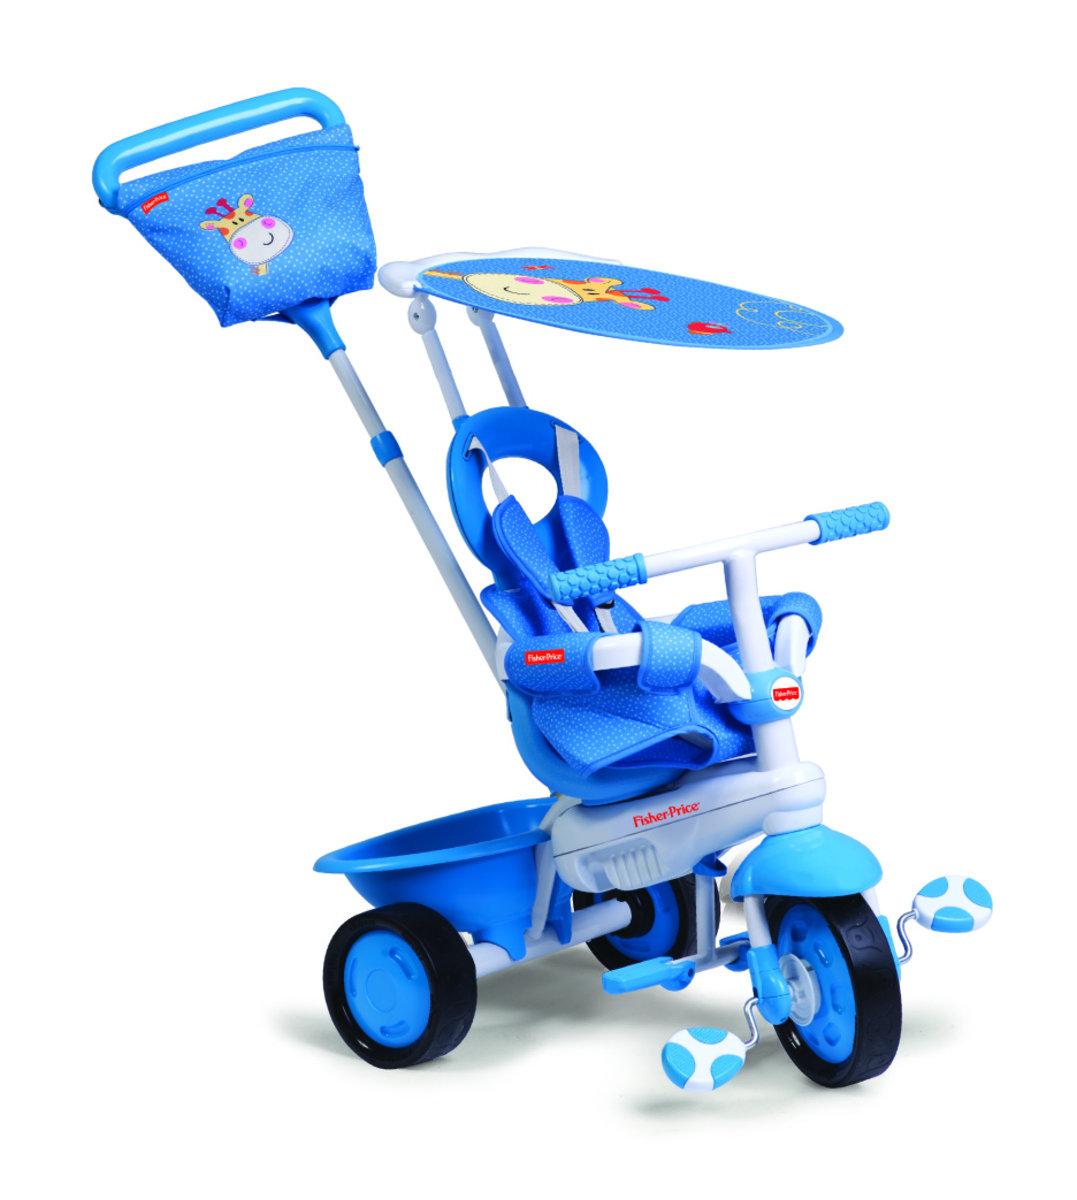 費雪牌 Elite嬰幼3合1三輪車 - 藍色